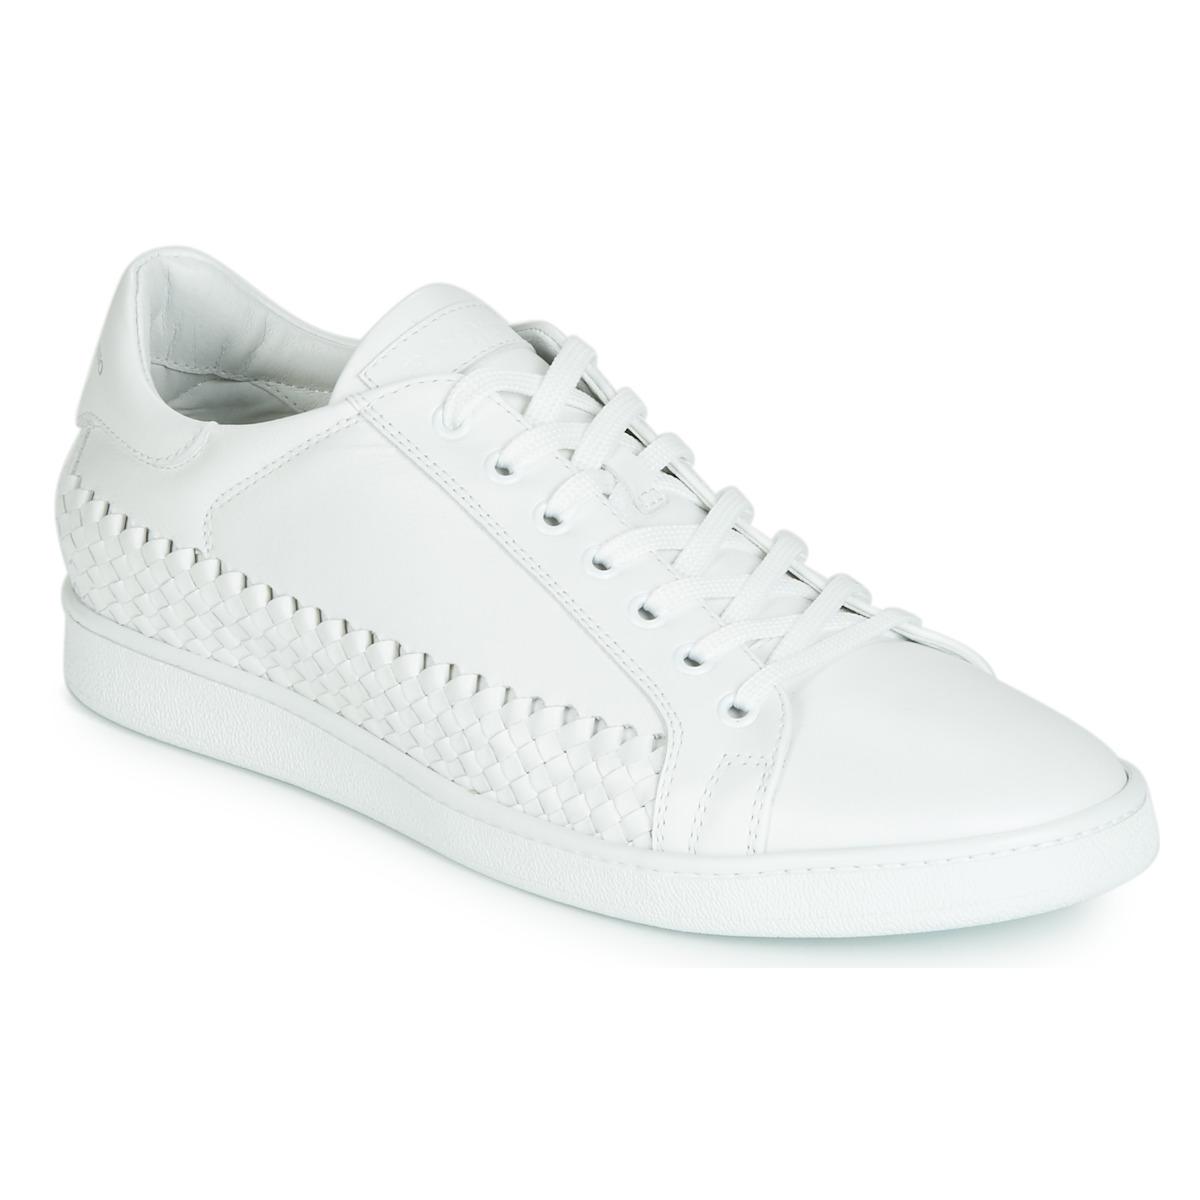 Sneakers John Galliano  6712